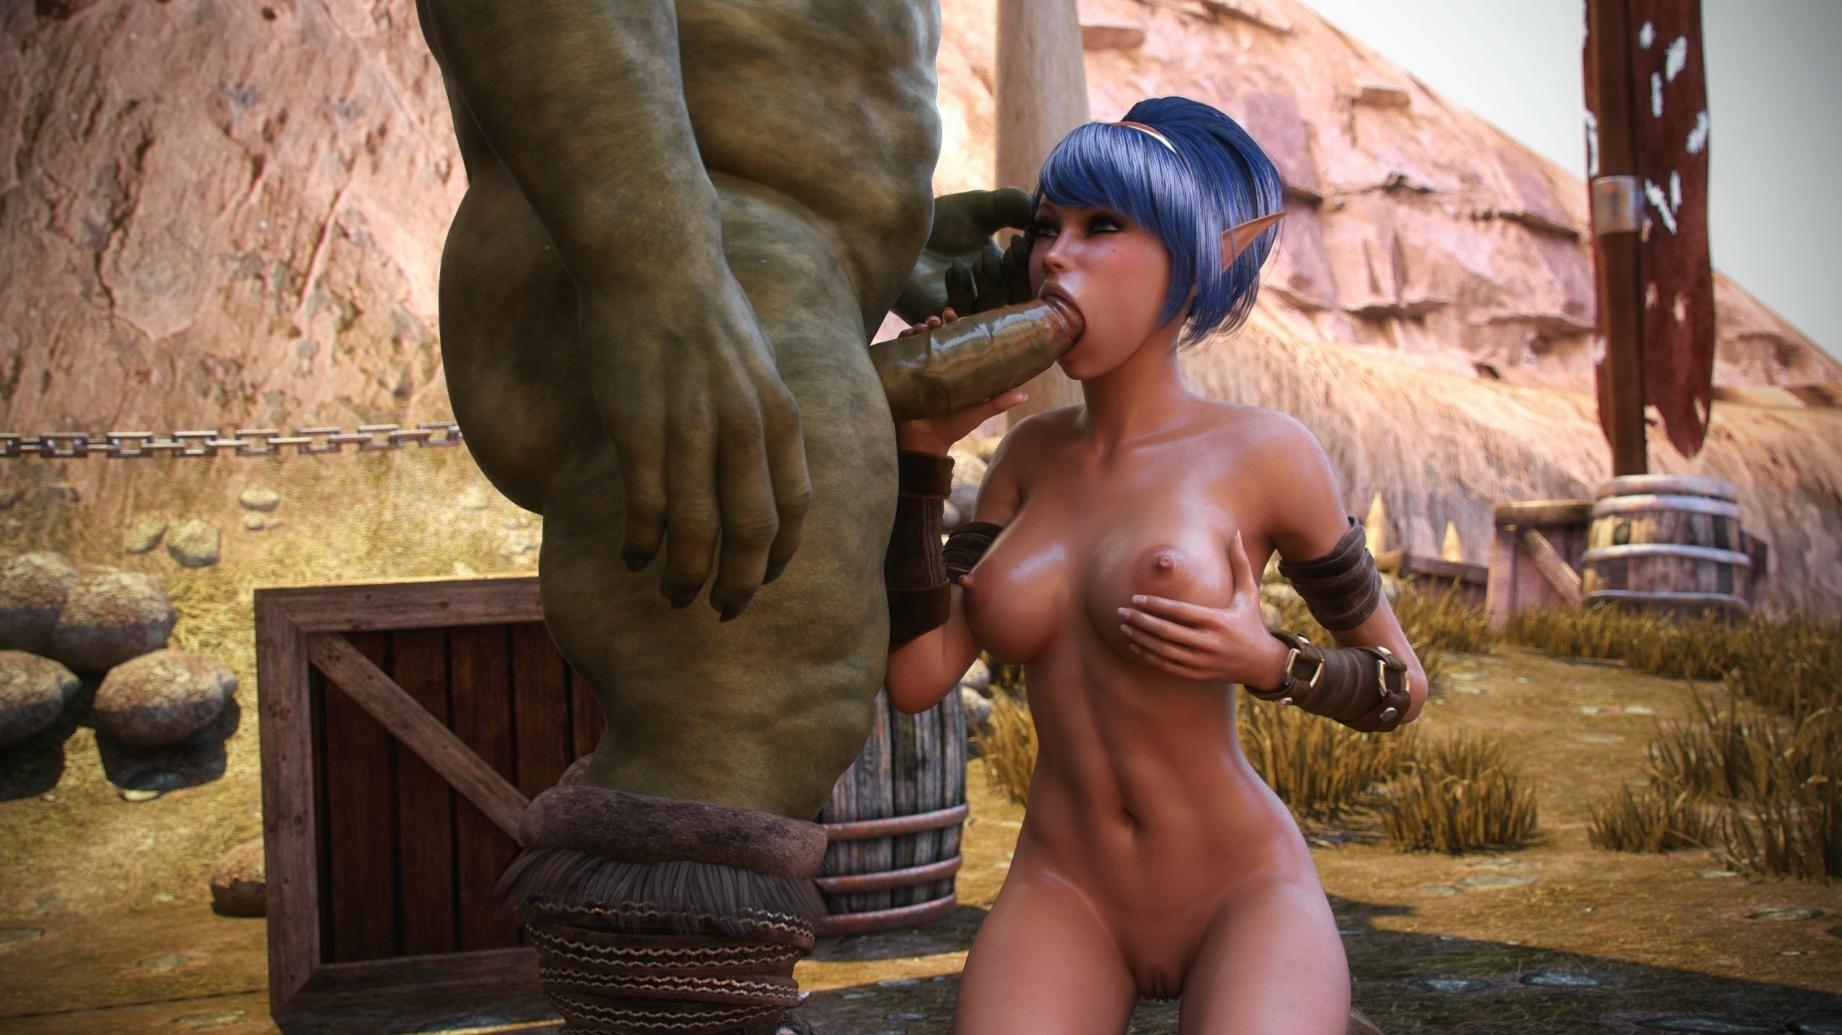 Порно imax 3d